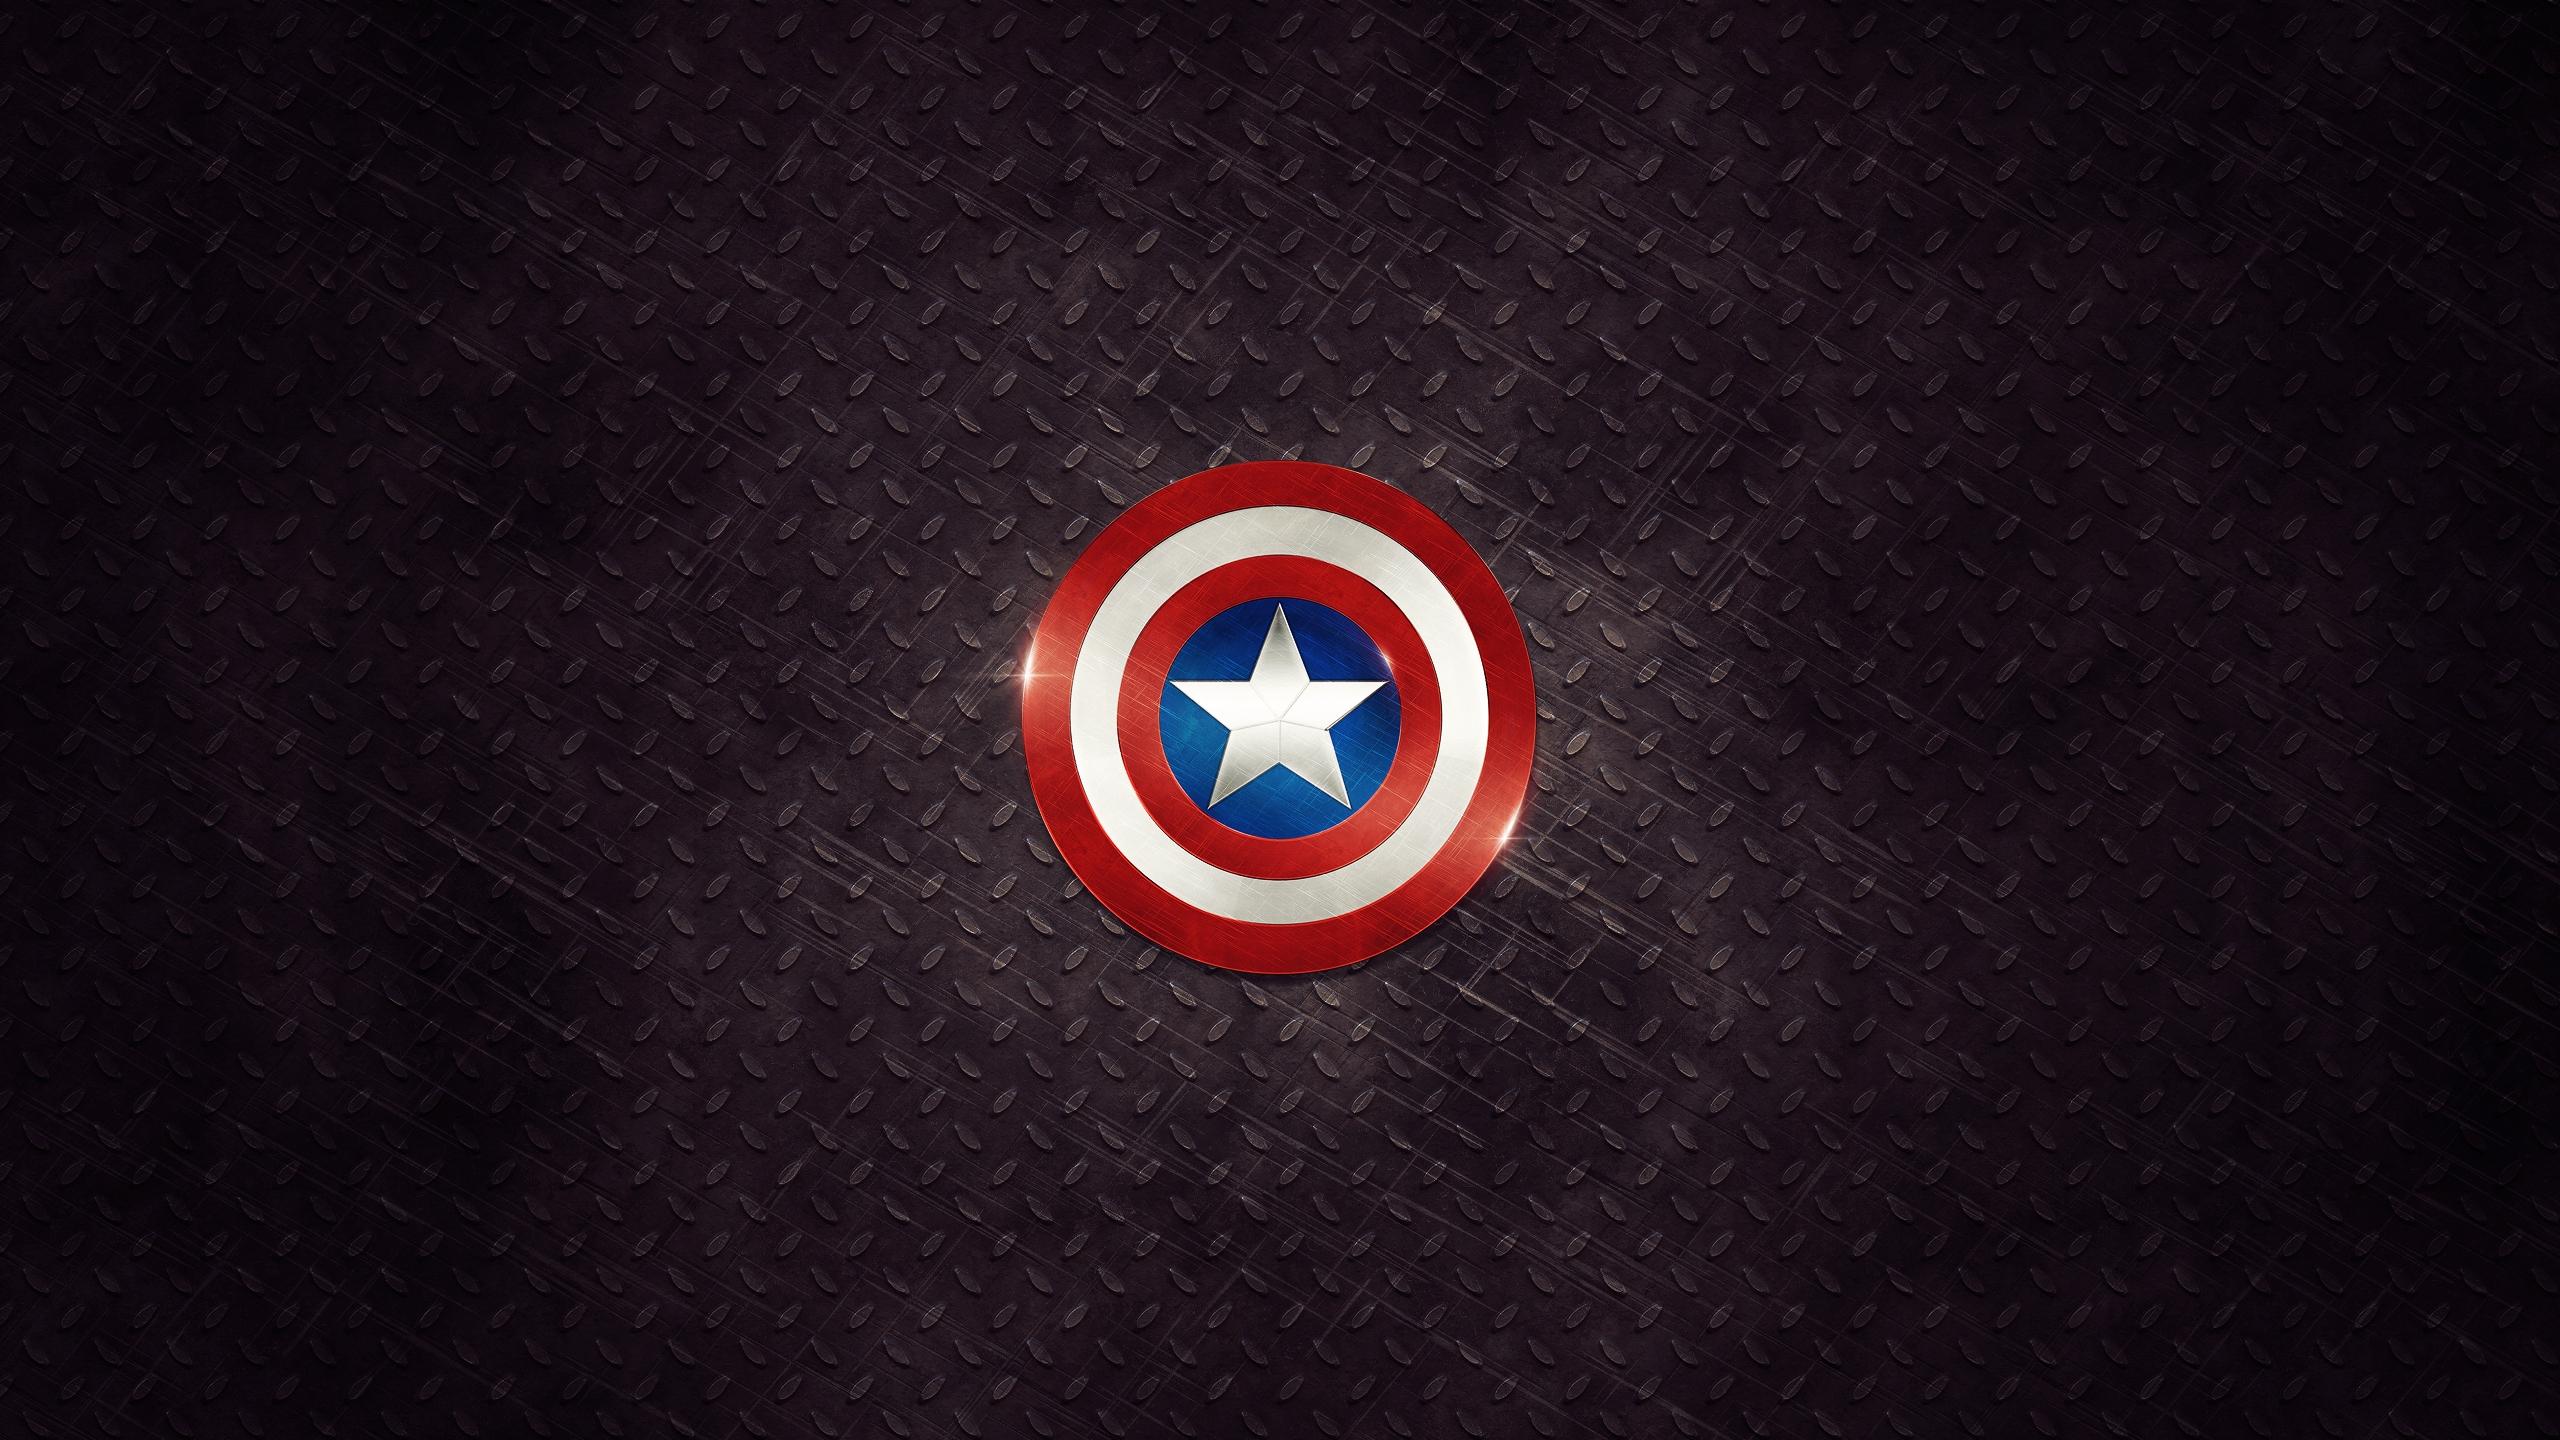 Captain America Logo 2560x1440 Hdtv Wallpaper